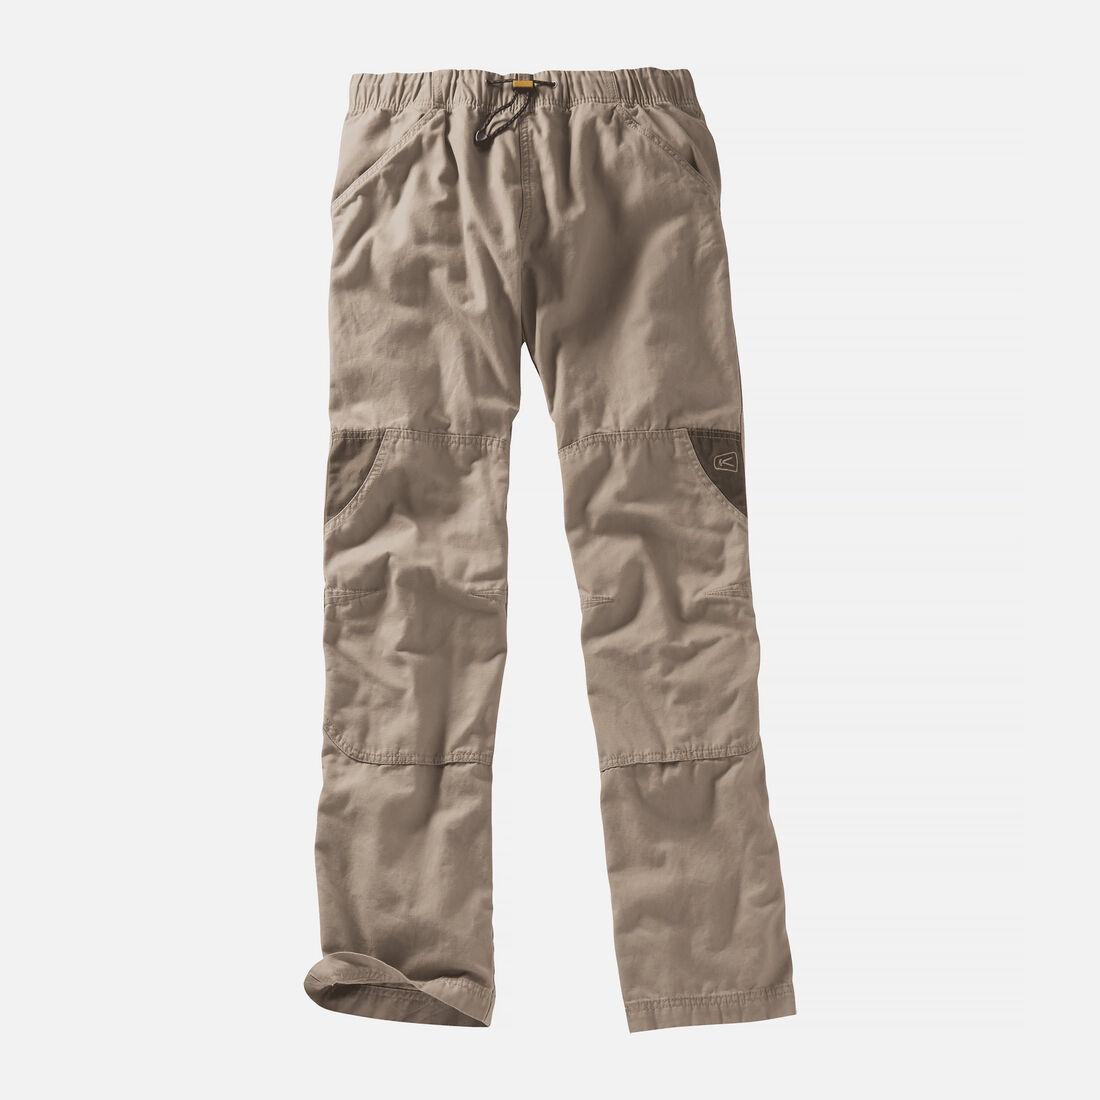 Men's Slacker Pant in Khaki/Olive Green - large view.